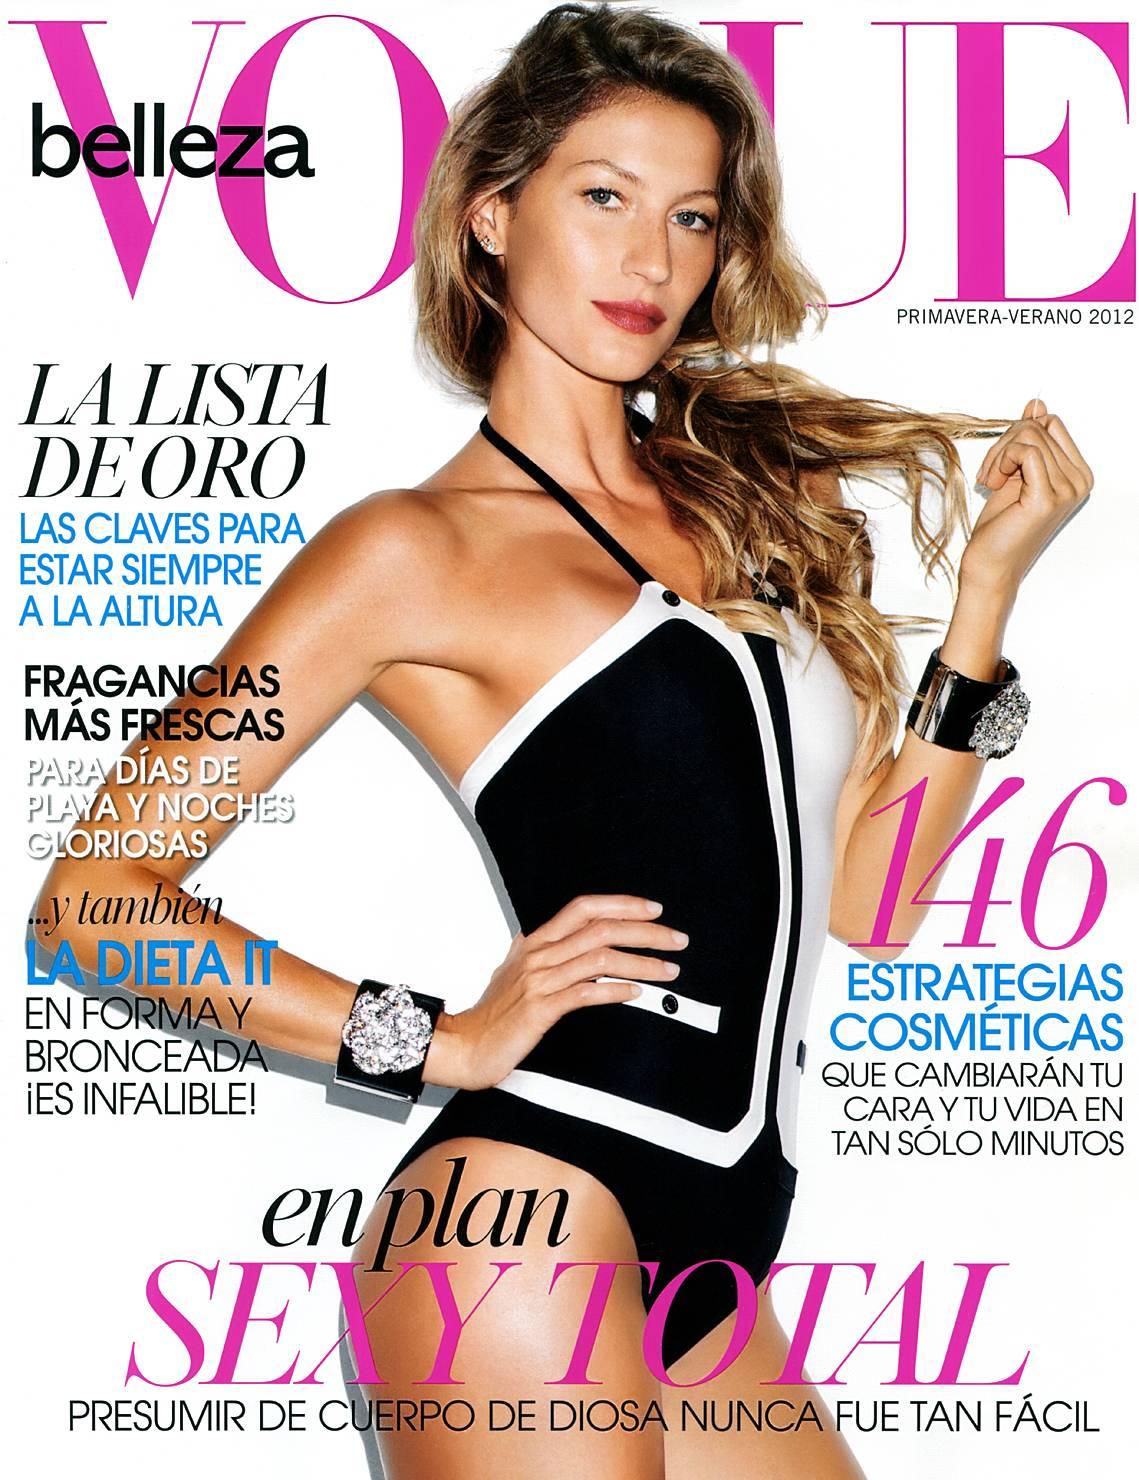 Vogue forum online dating